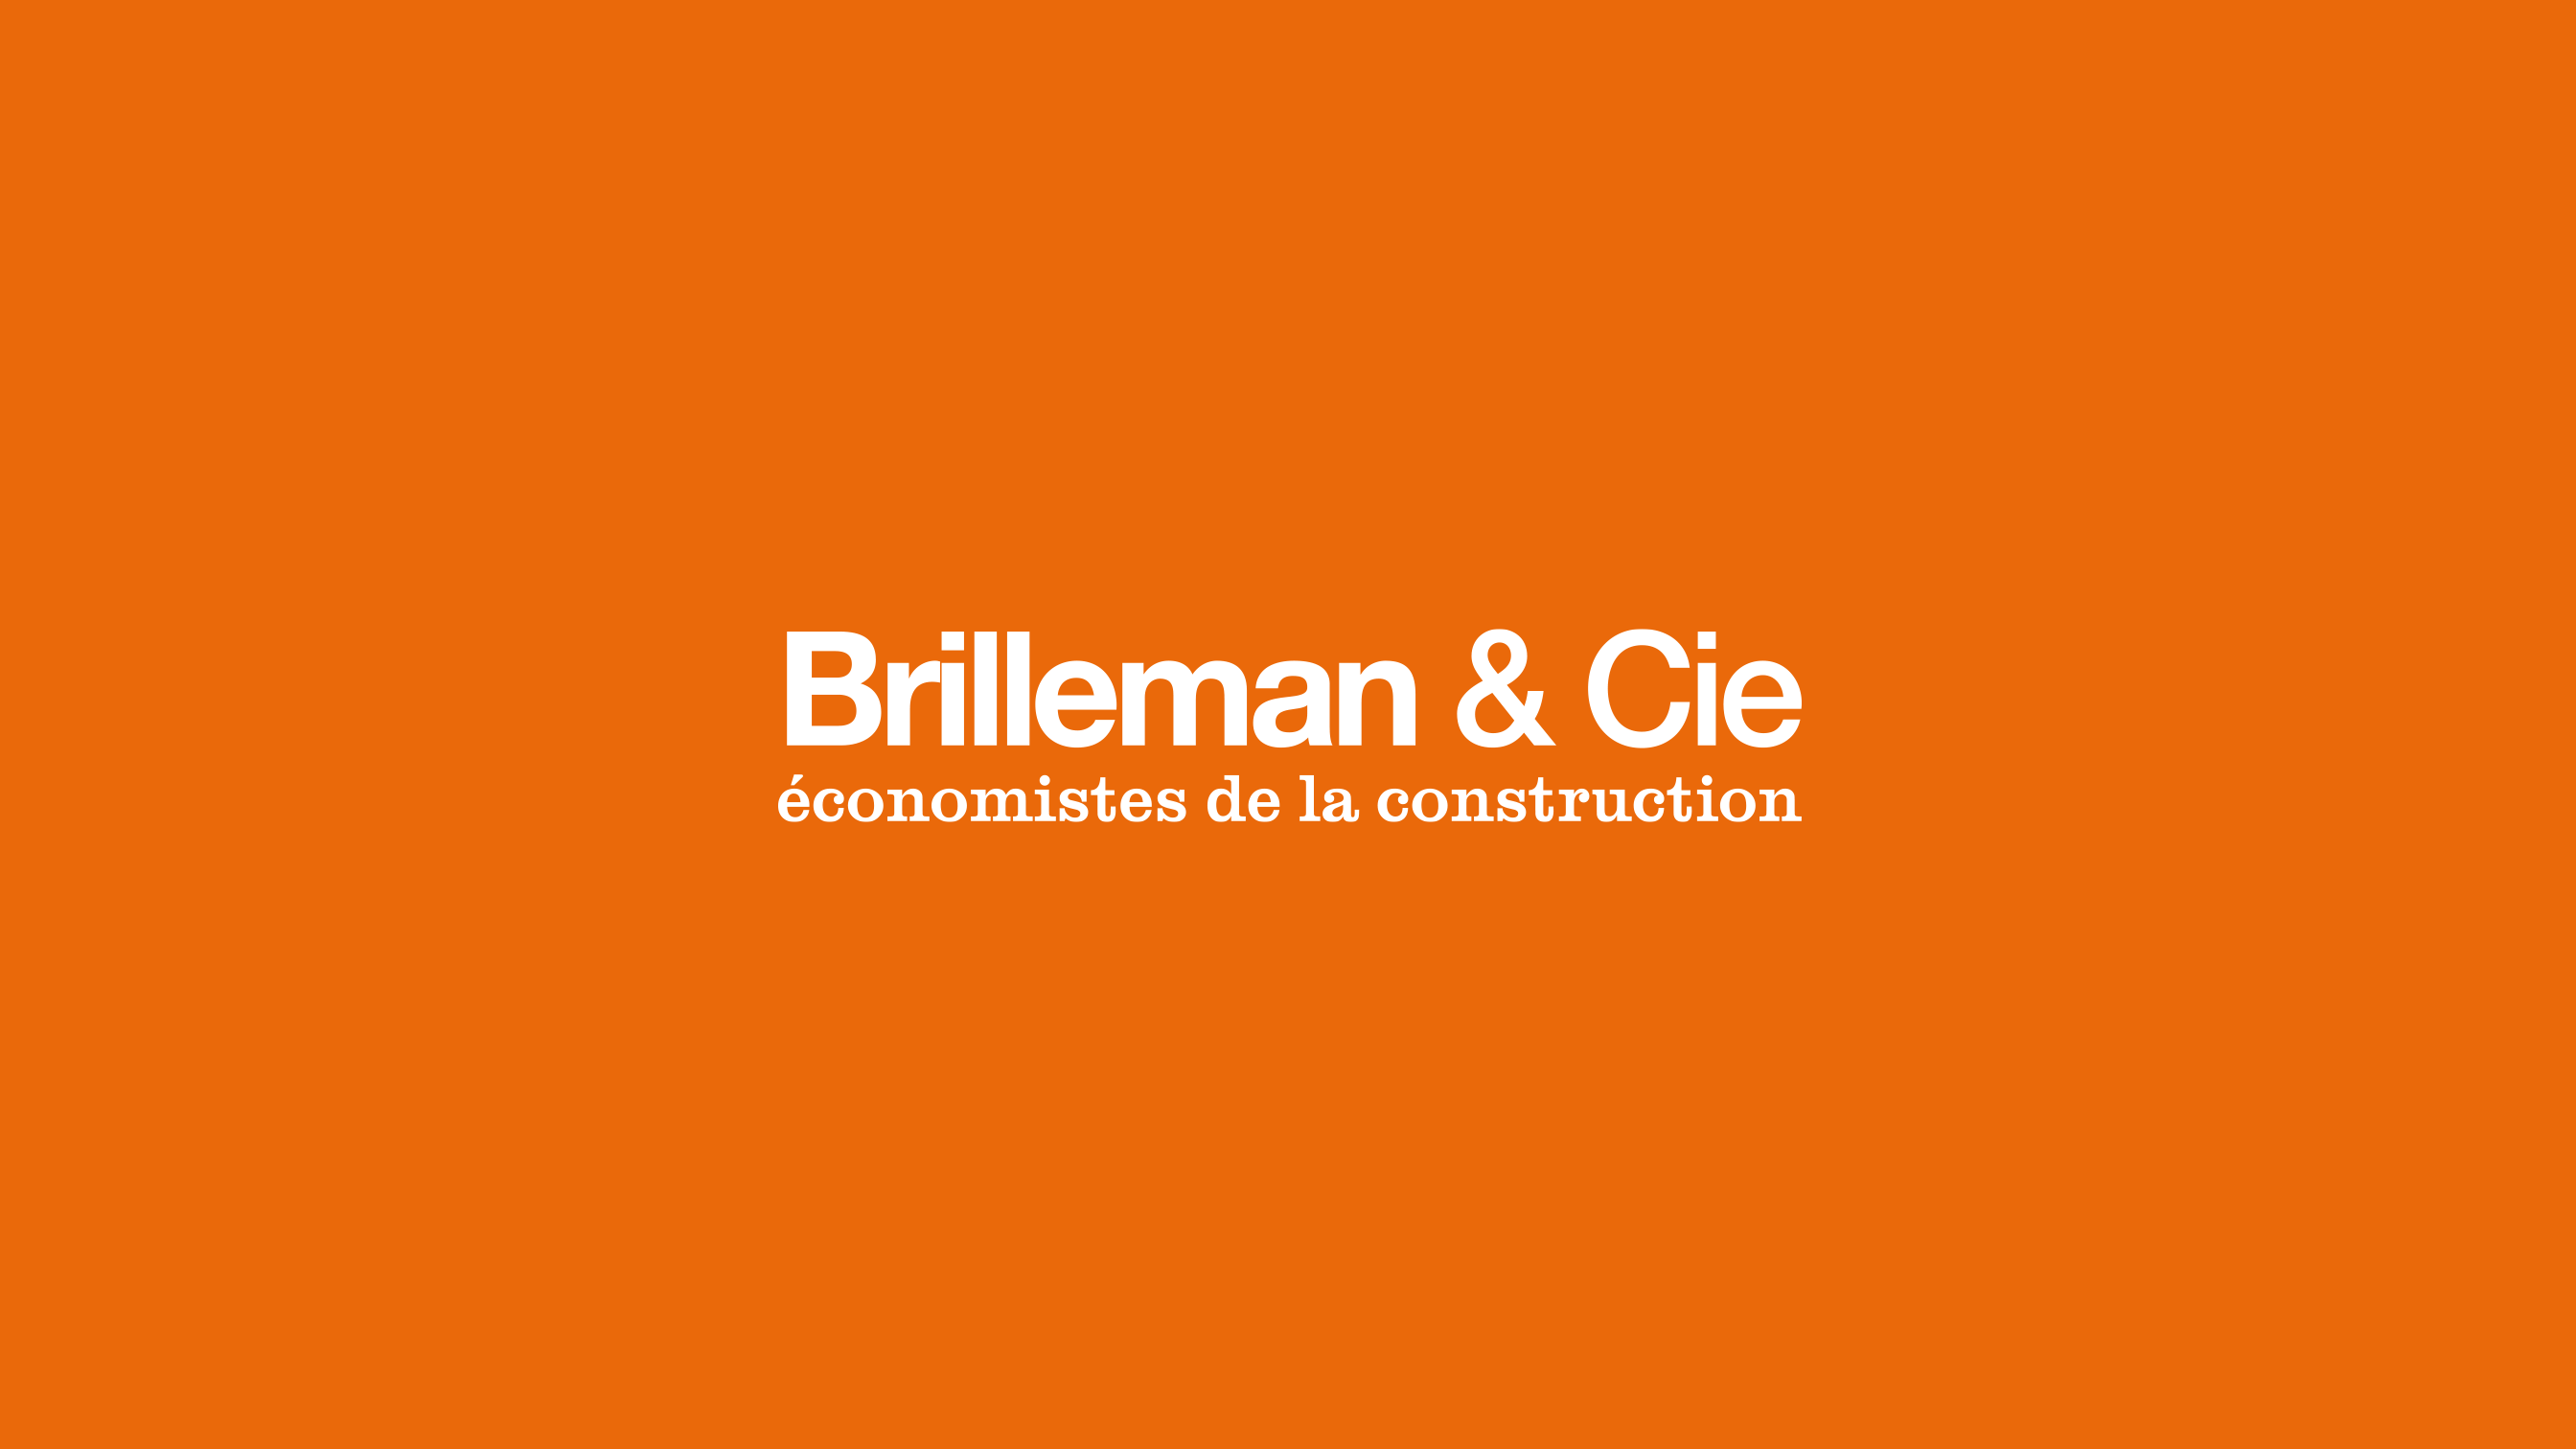 brillemanandcie-logotype-pikteo